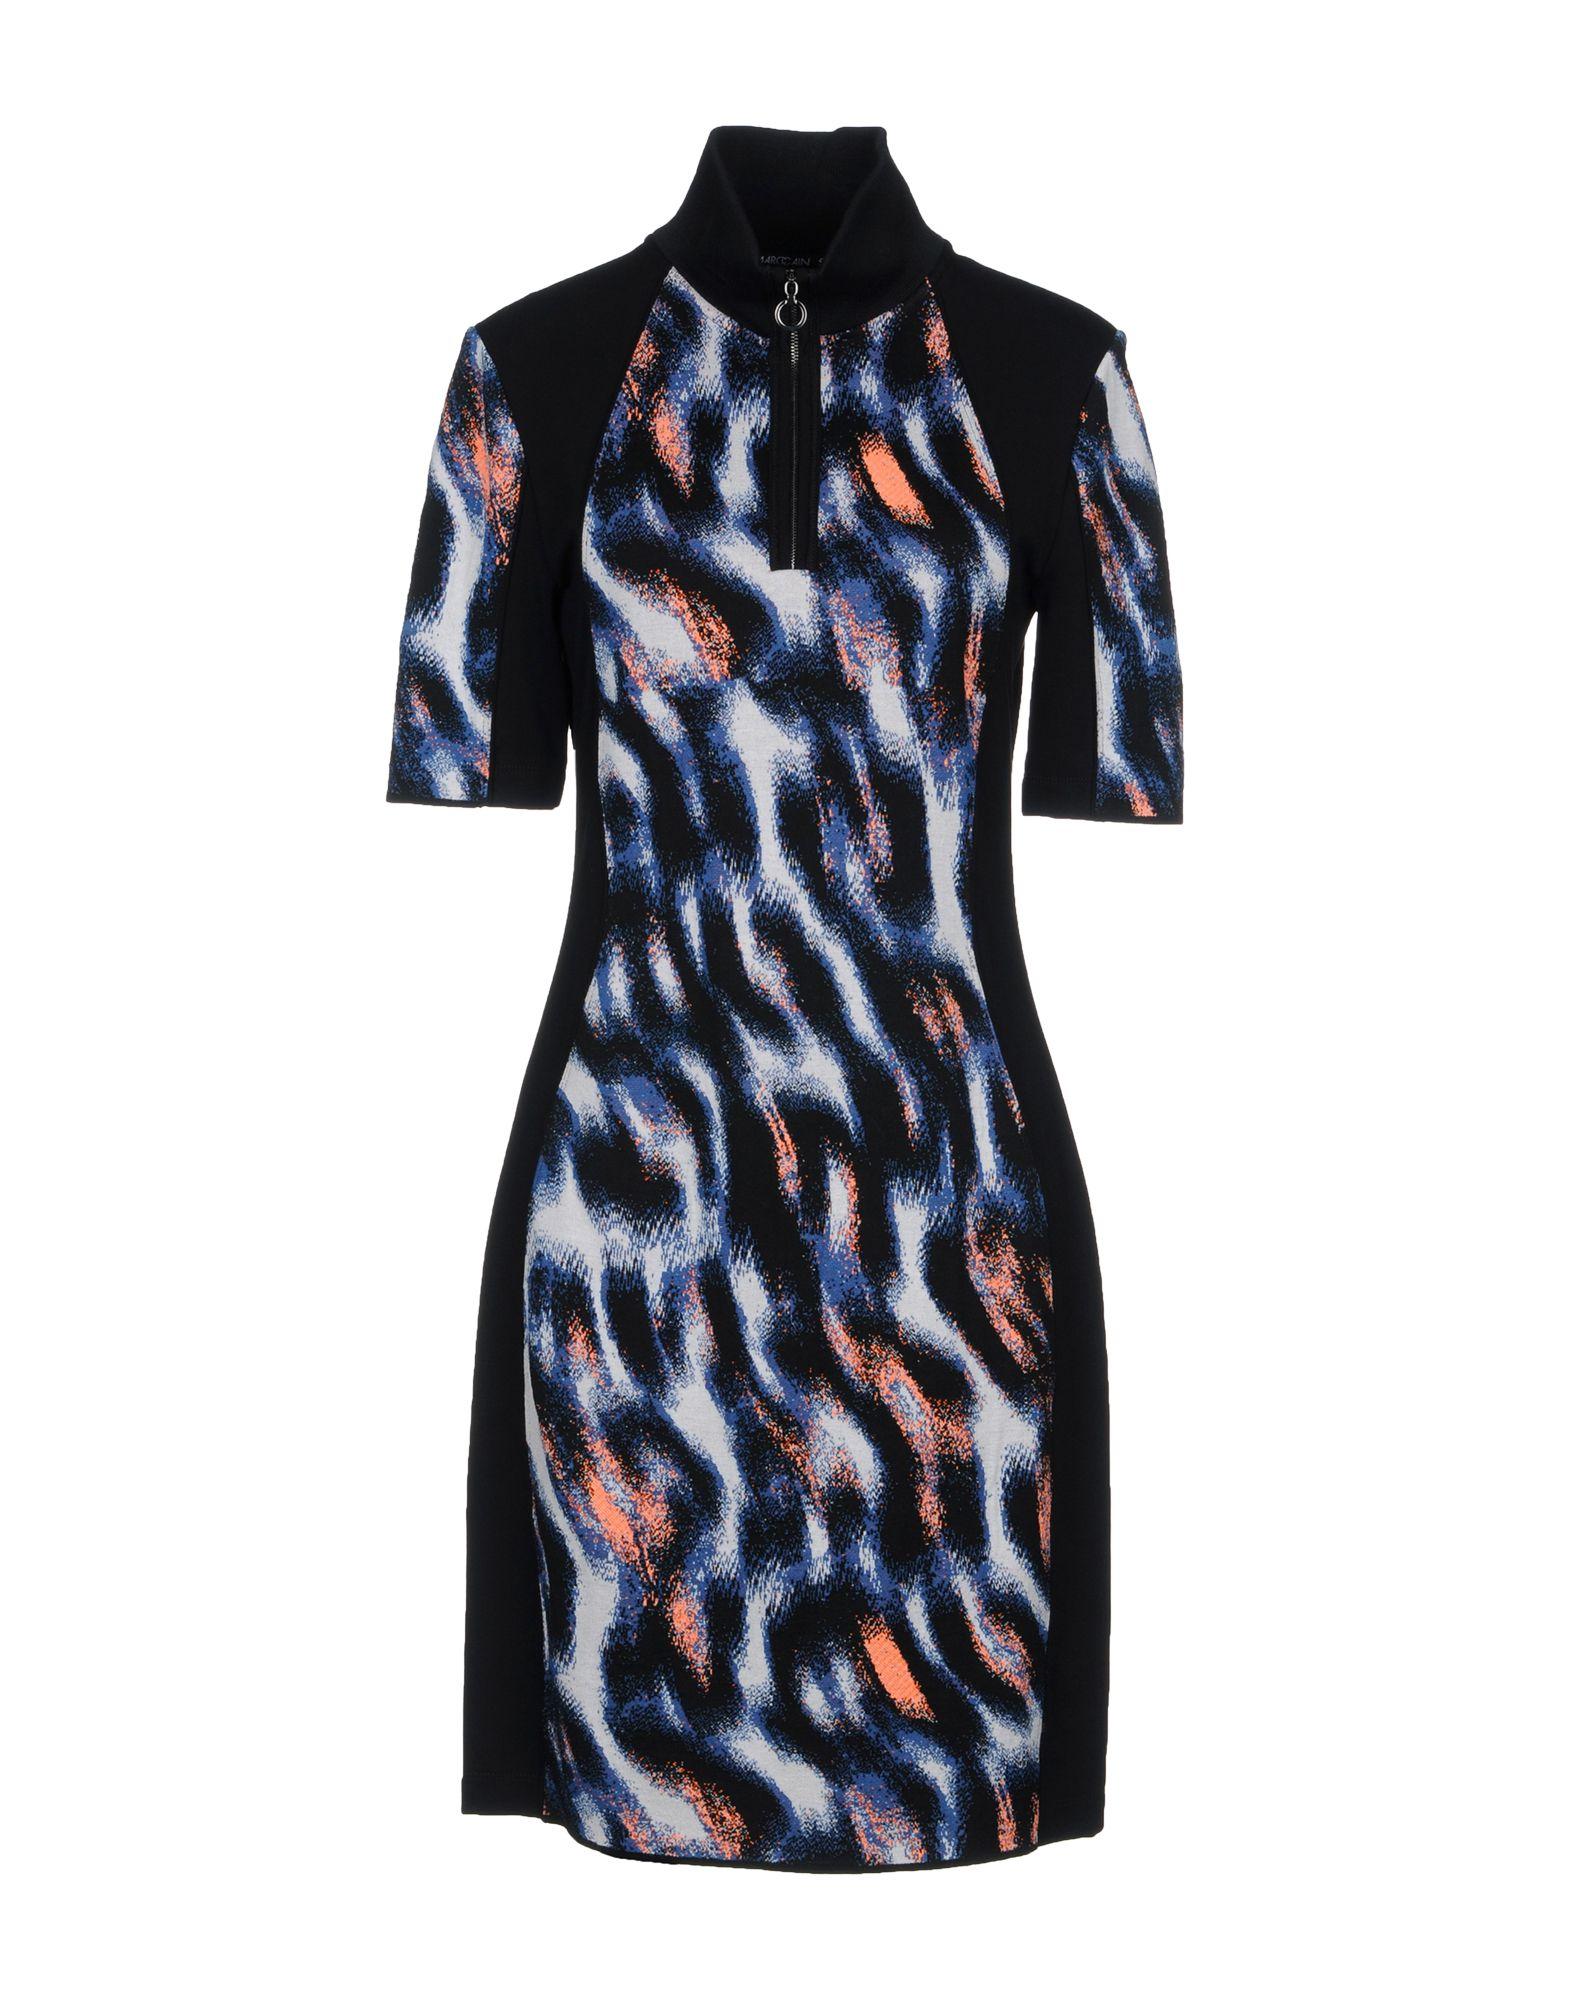 MARC CAIN Короткое платье прилегающее платье с потайной молнией marc cain платья и сарафаны мини короткие